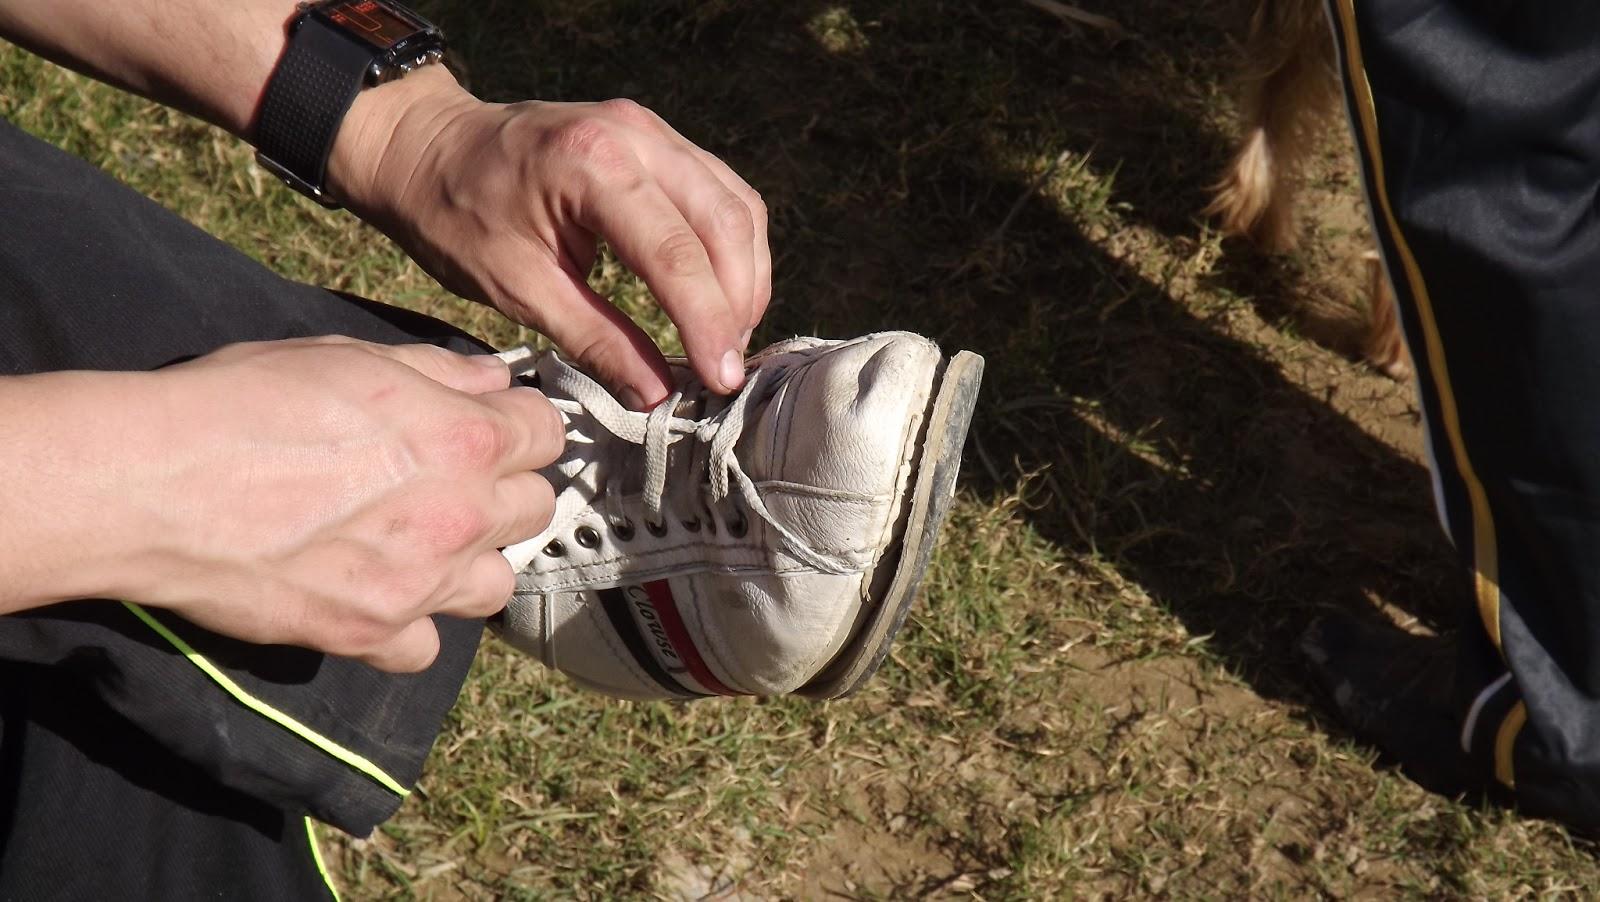 Reparar una suela despegada - Paso 5